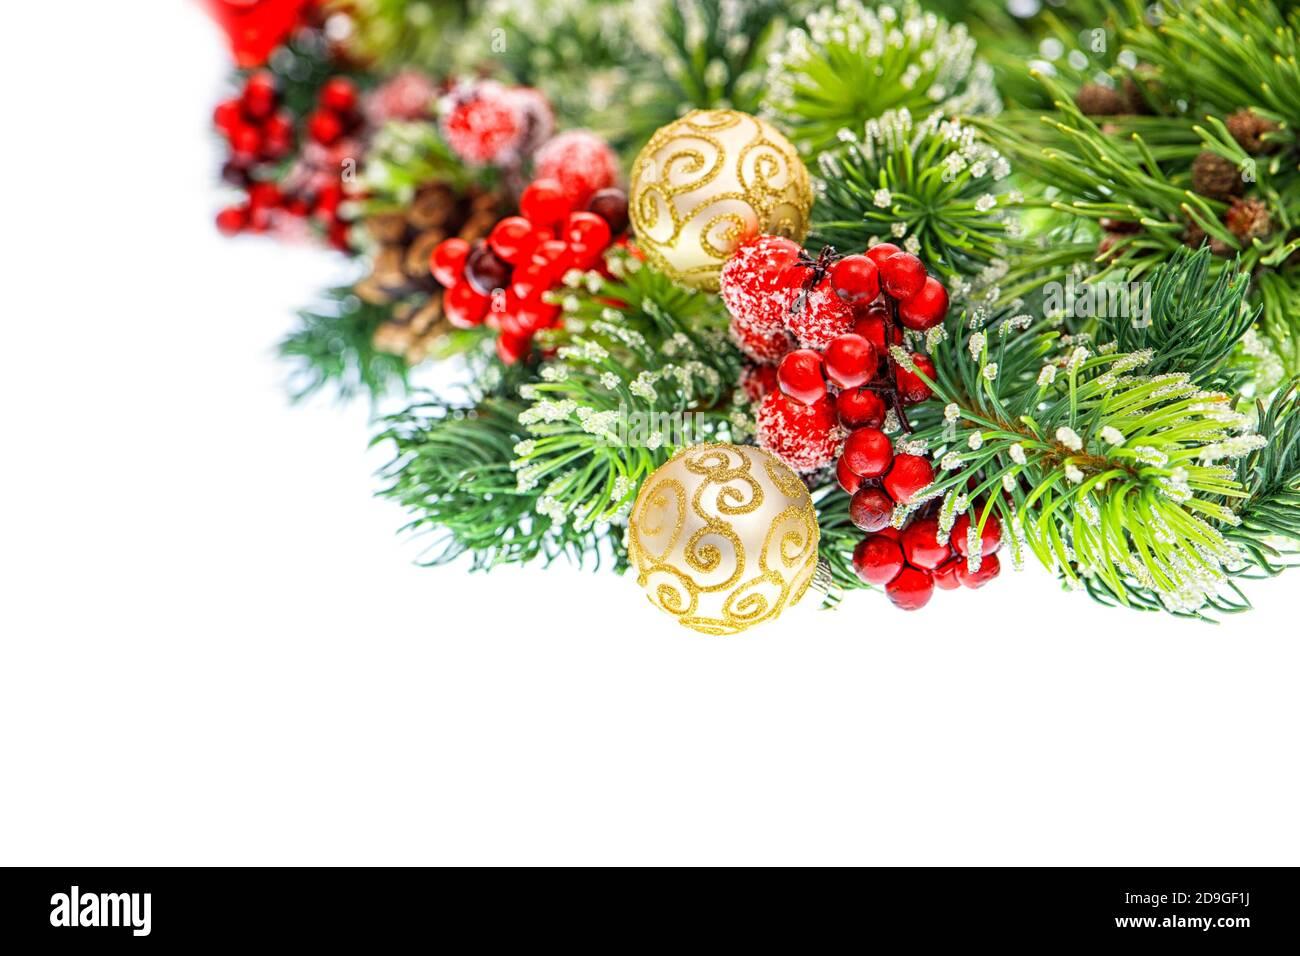 Rami dell'albero di Natale con decorazione dorata rossa Foto Stock